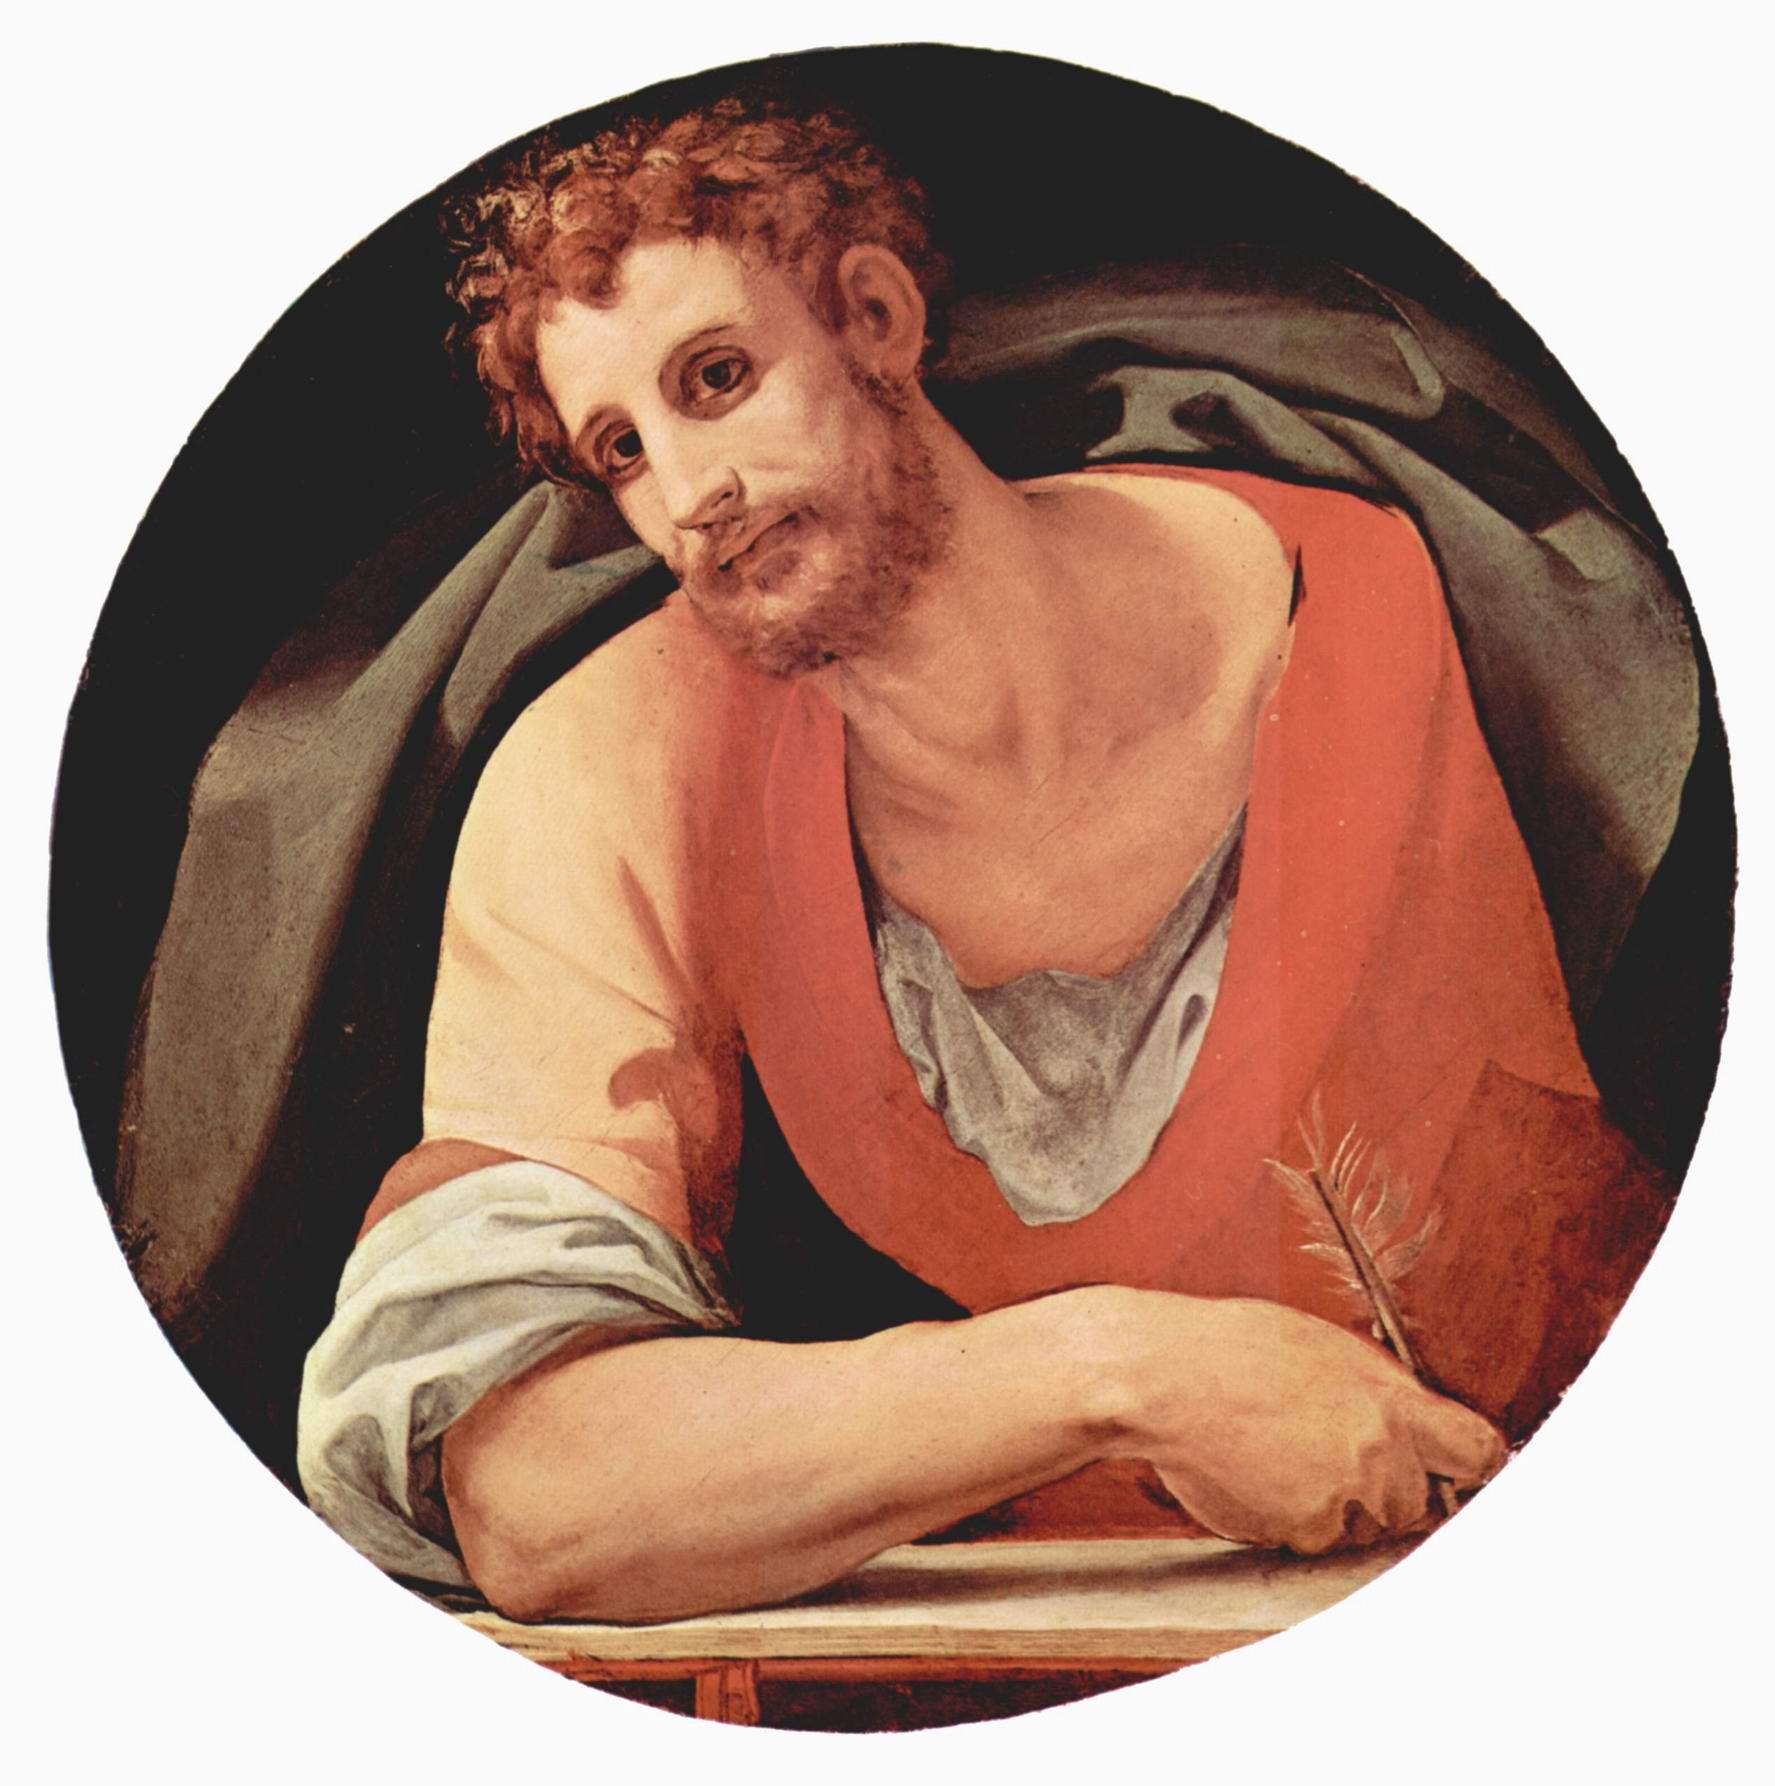 Изображения евангелистов Капеллы Каппони в Санта Фелиция во Флоренции, св. Марк, Бронзино Аньоло